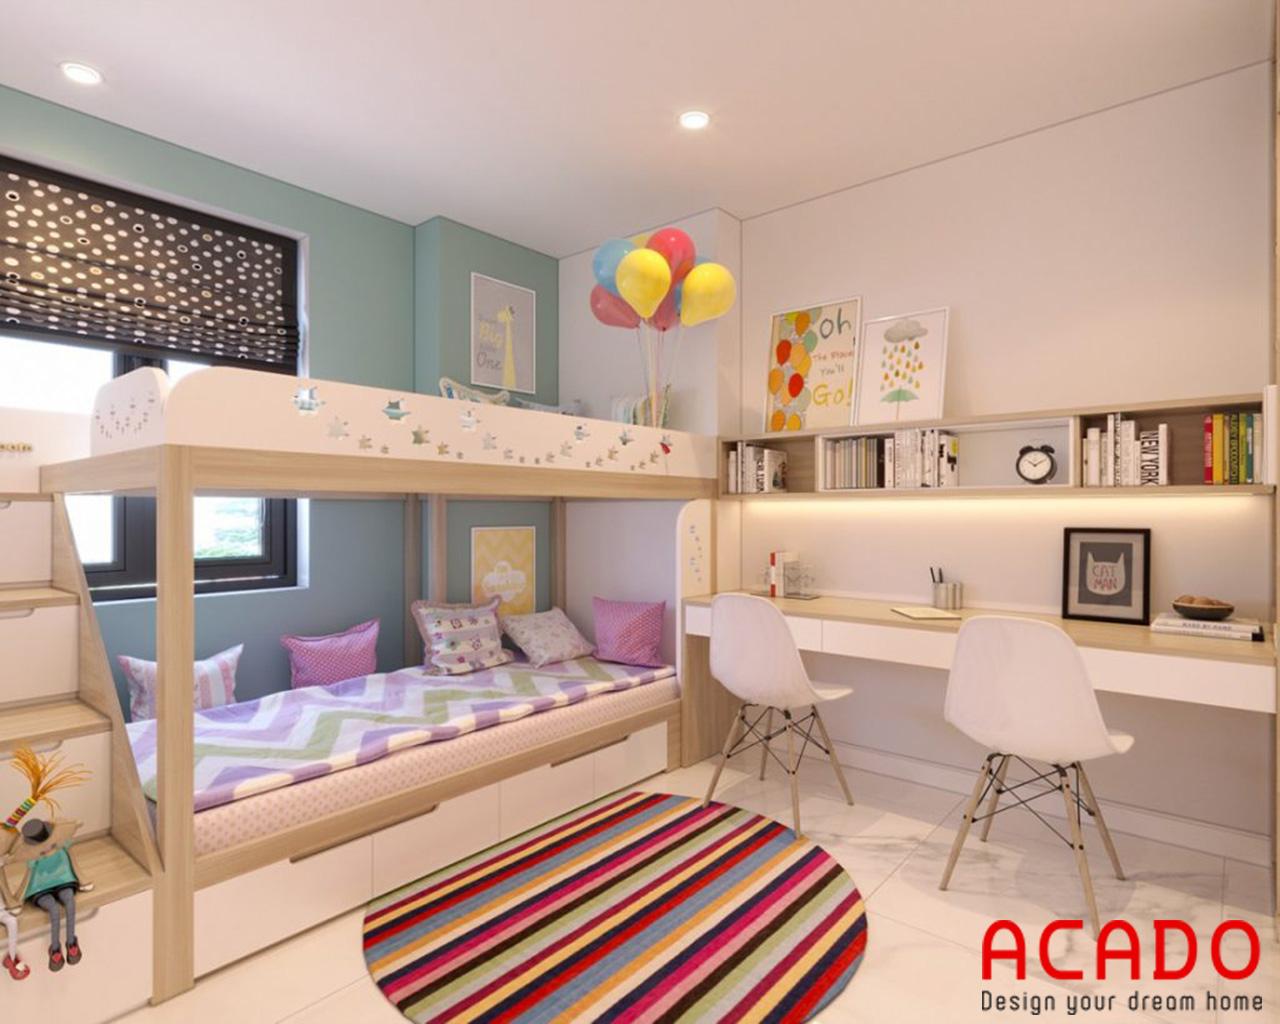 Nội thất phòng trẻ em - nội thất Acado